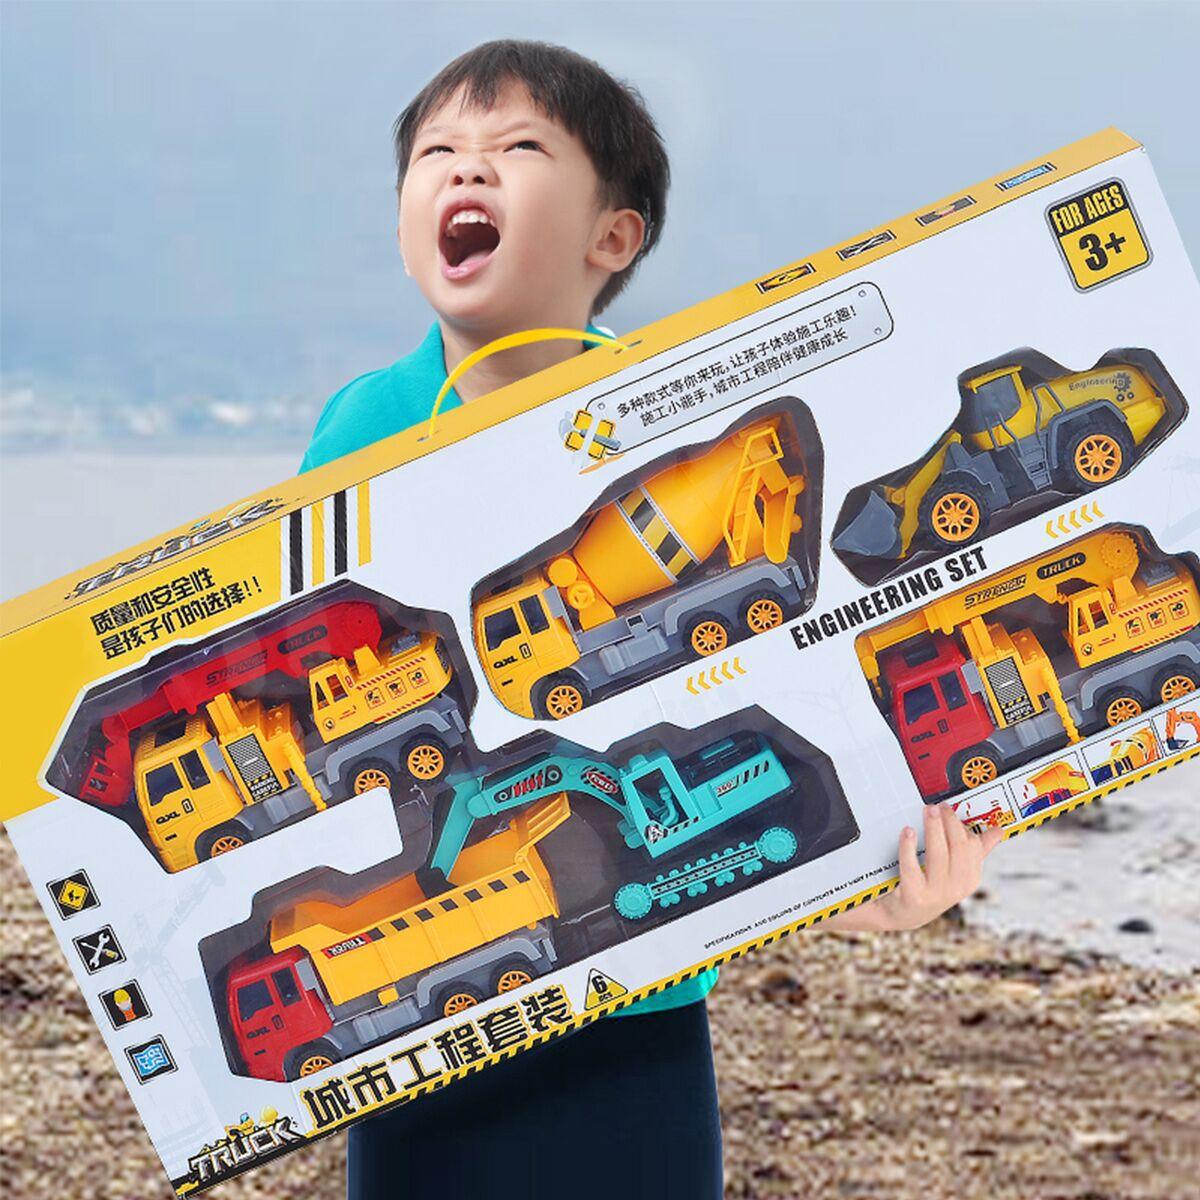 Модель автомобиля Детская 4 шт., инерционная техника, бульдозер, самосвал, трактор, транспортное средство, учебный подарок для мальчиков